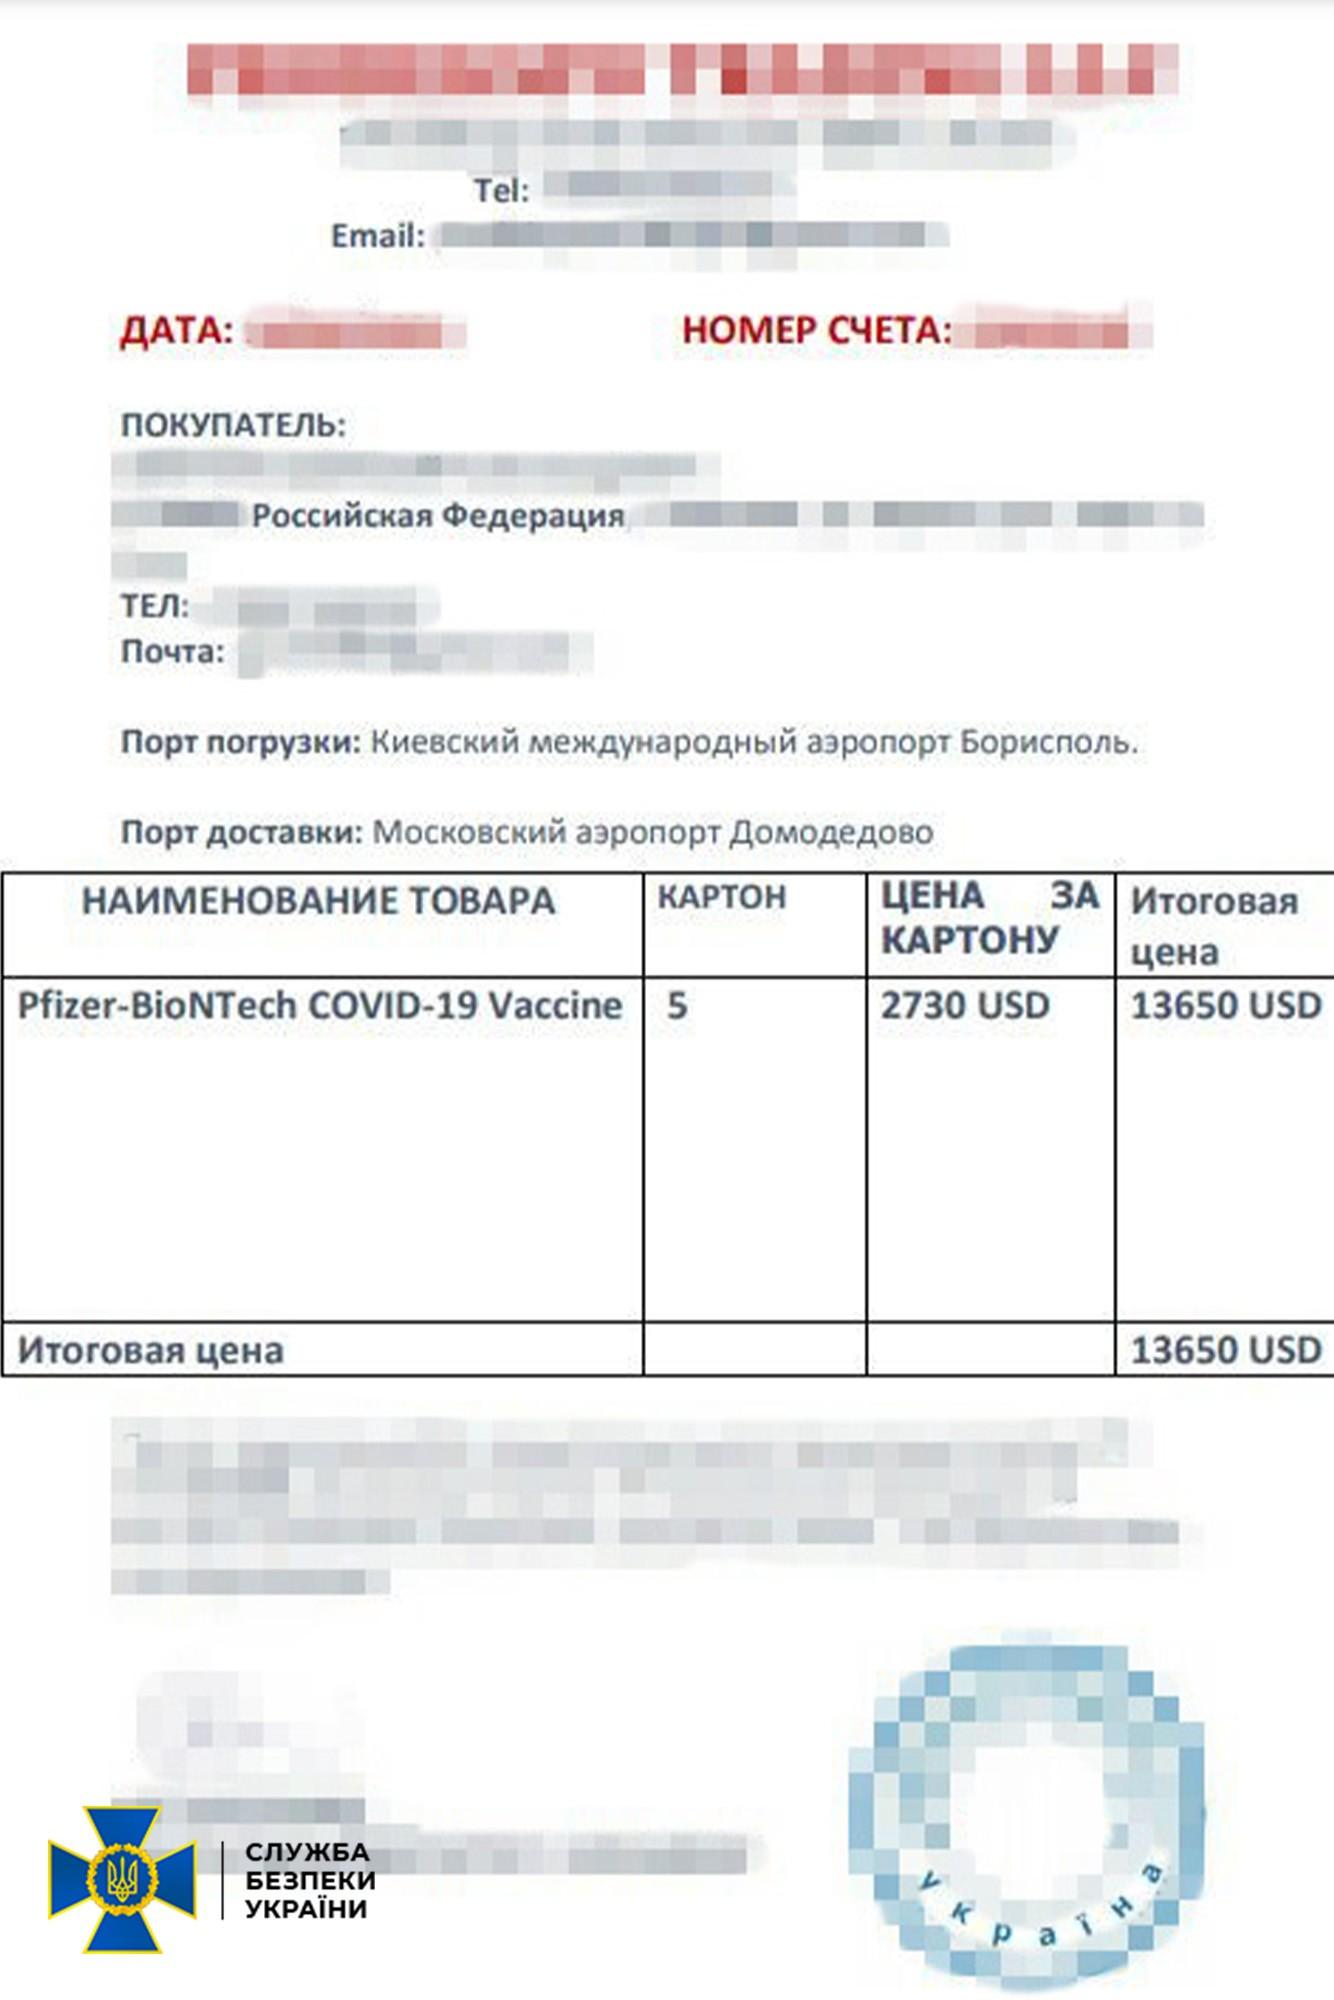 В Украине продавали поддельную вакцину от Pfizer по 0 за укол